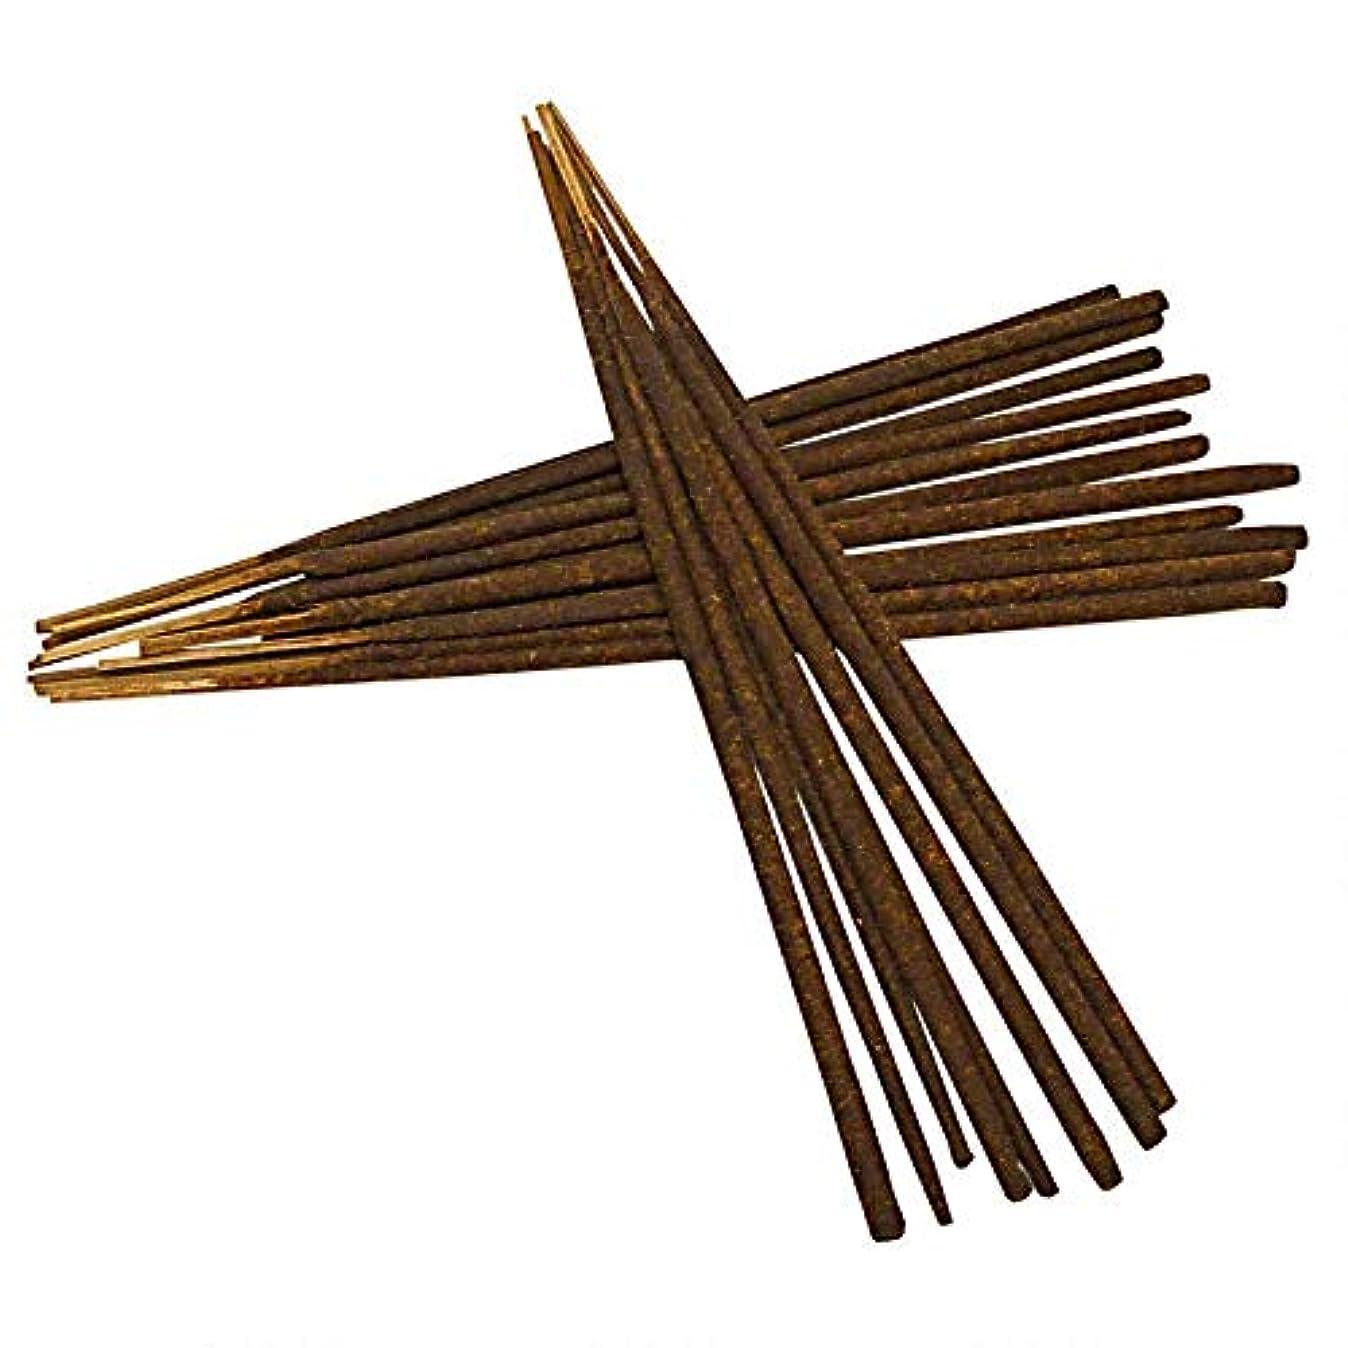 決定的万歳ふつうデザイントスカーノ20 SticksのIncense